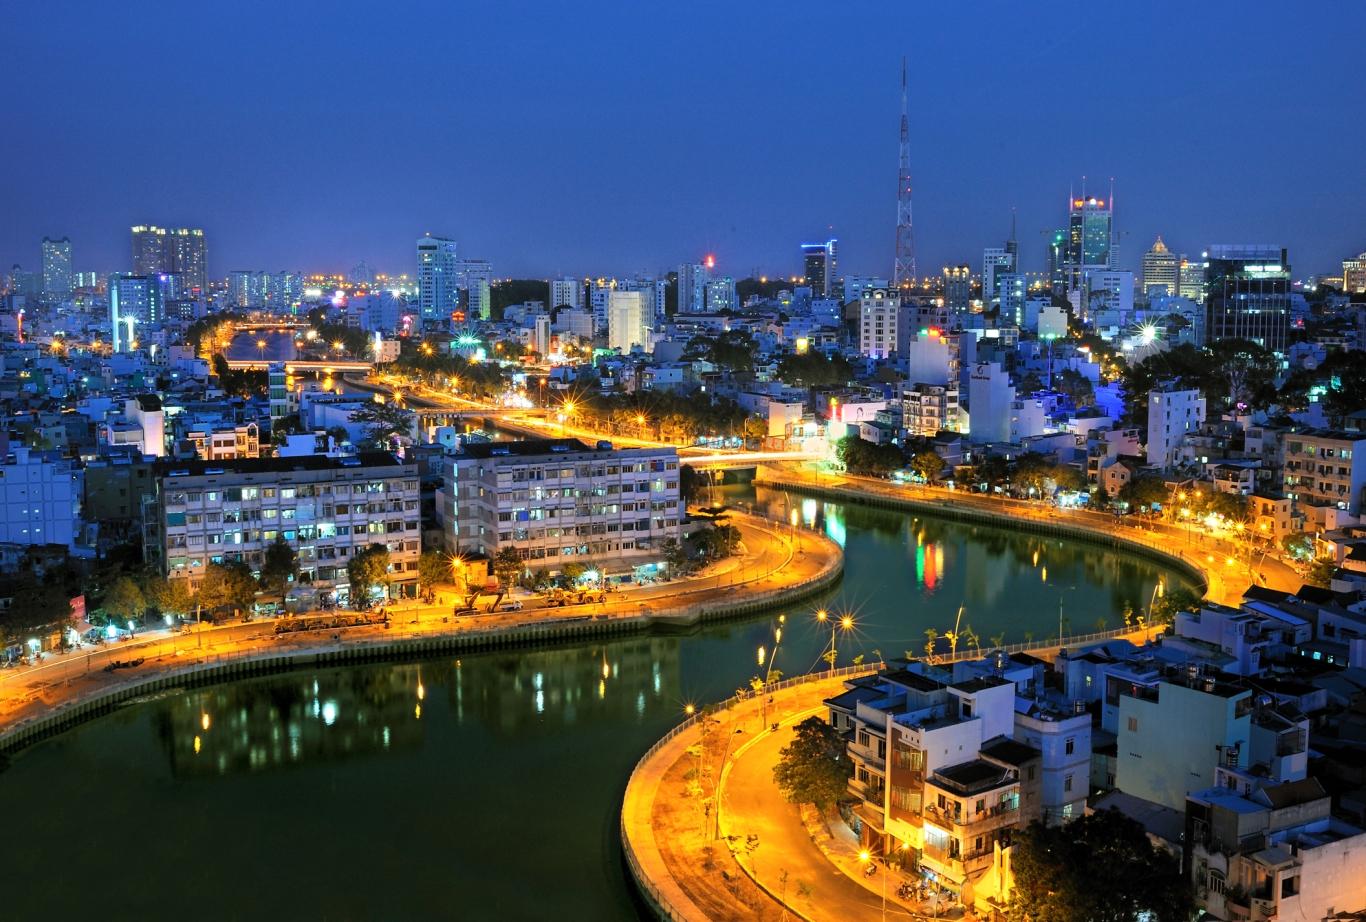 Vé máy bay giá rẻ Nghệ An đi Thành phố Hồ Chí Minh